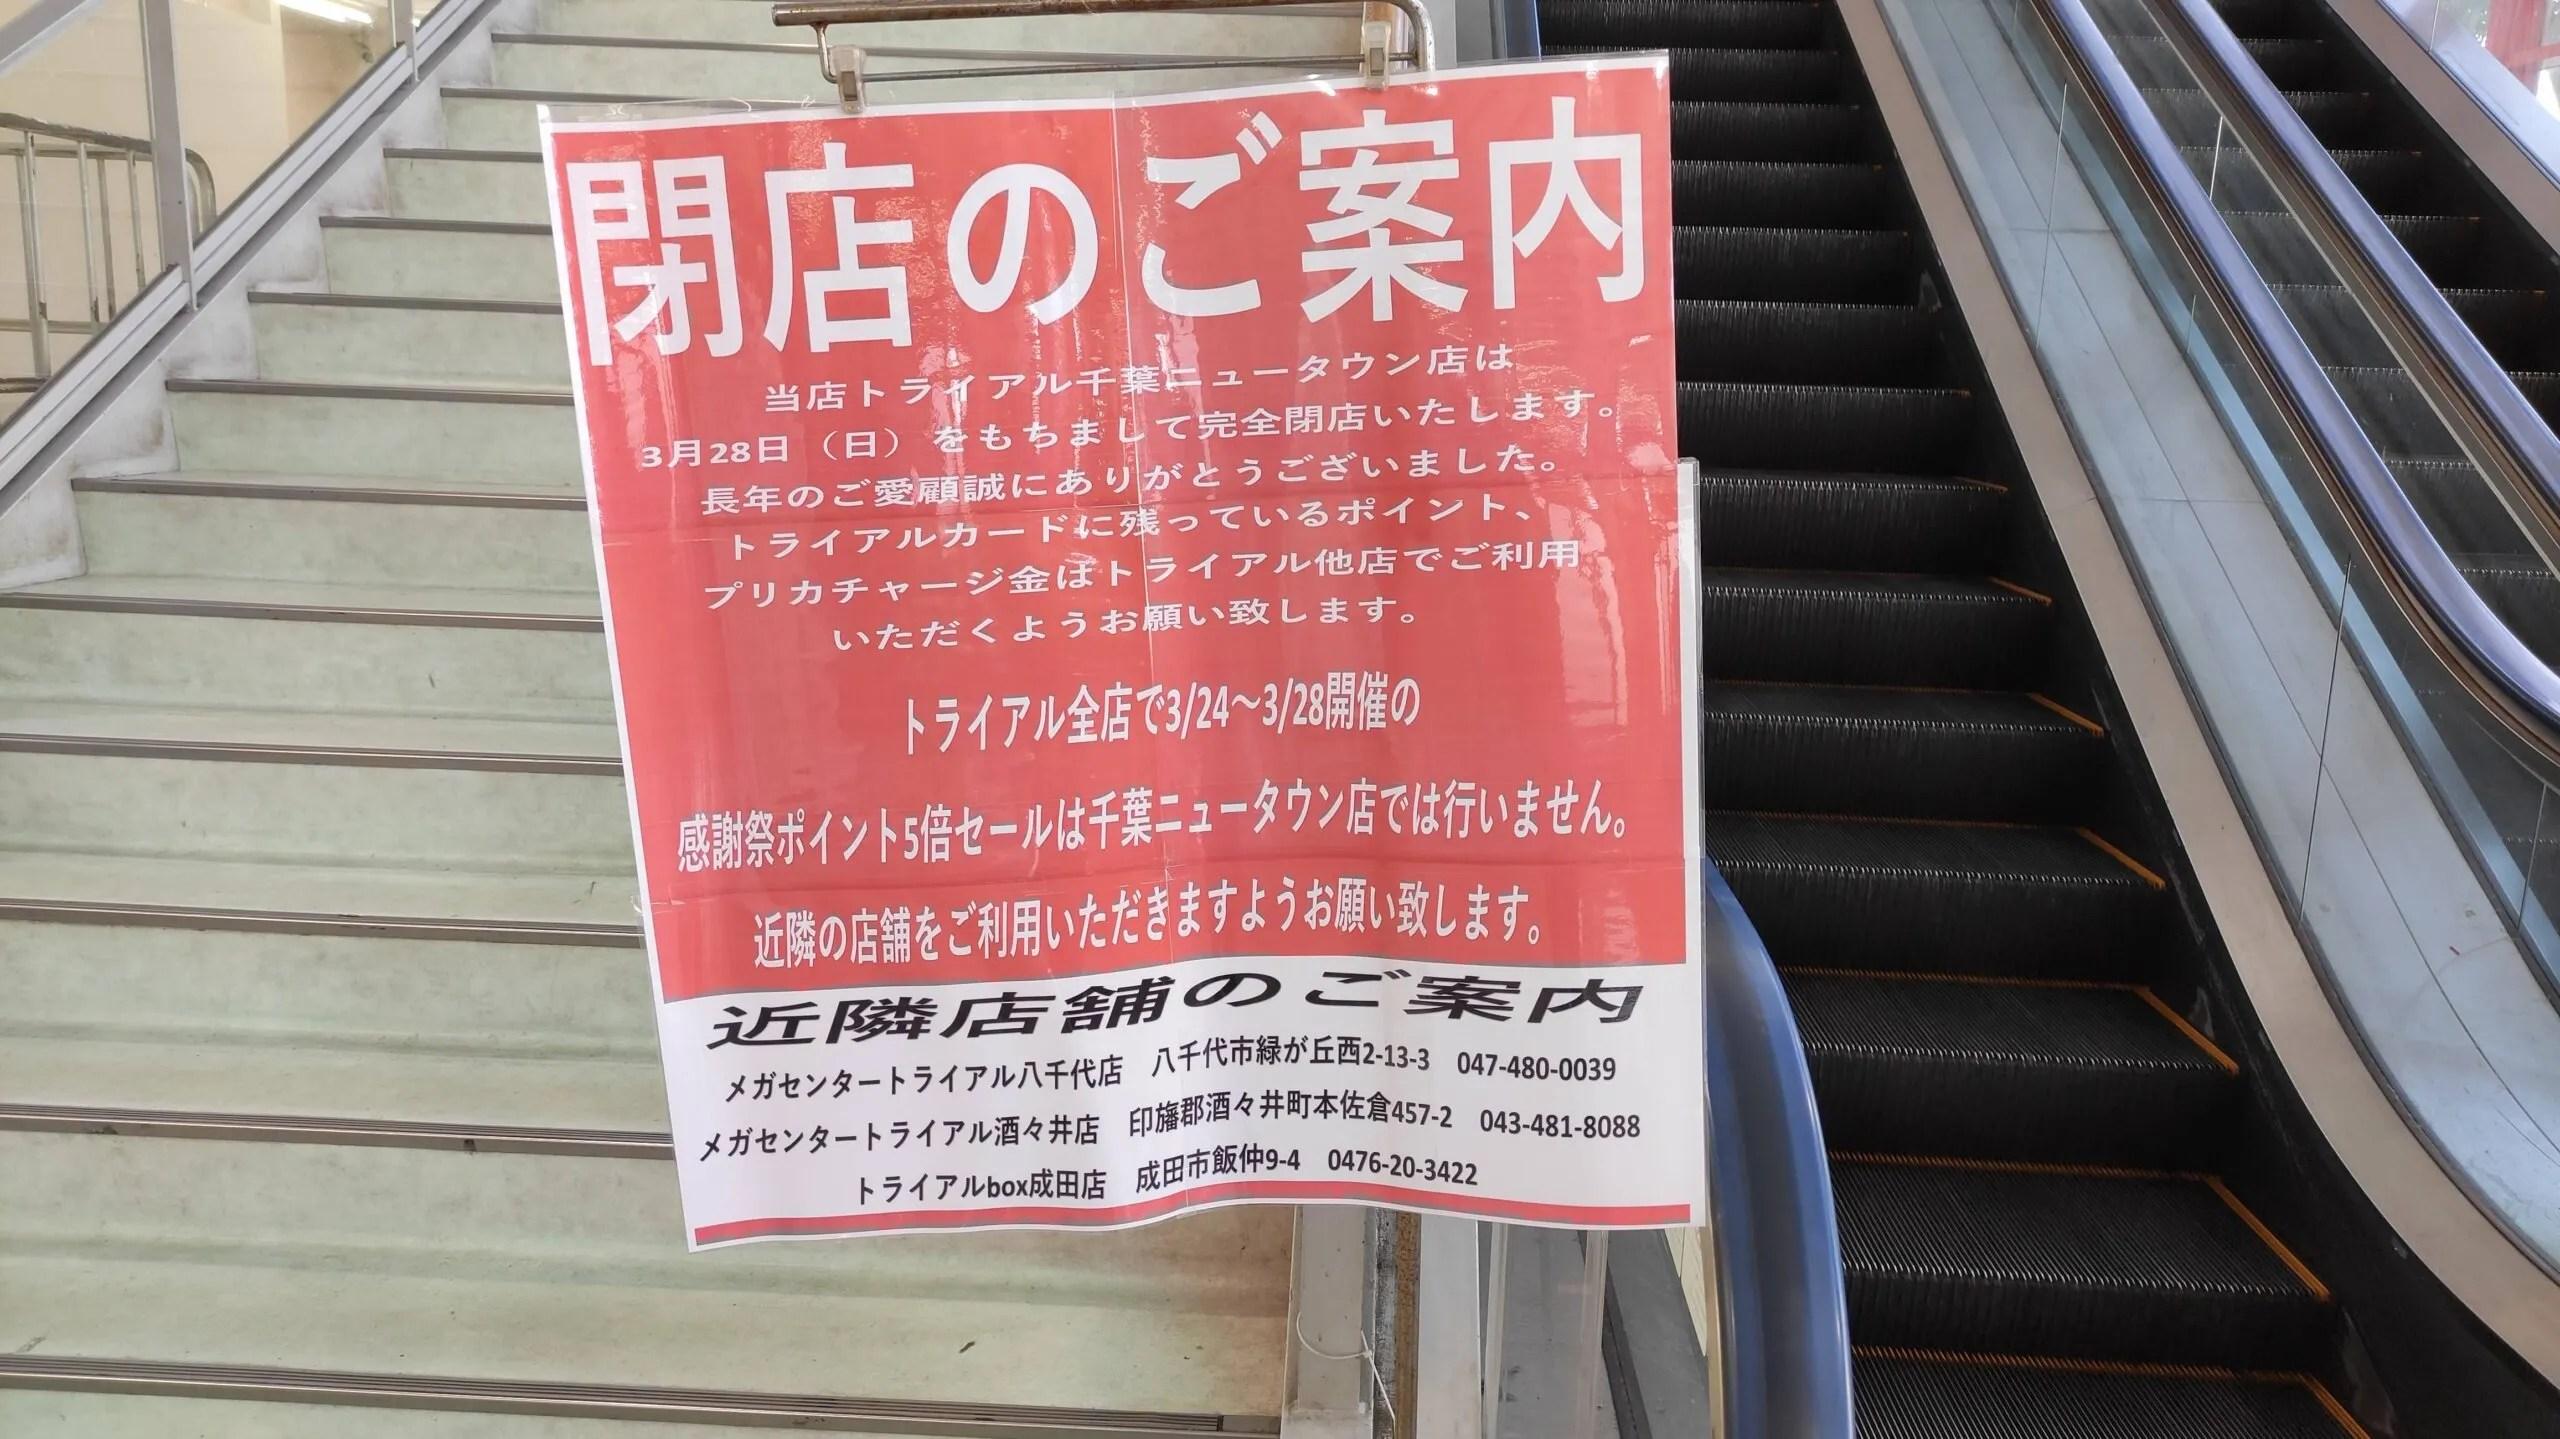 「トライアル」千葉ニュータウン店、閉店だそうです。。14